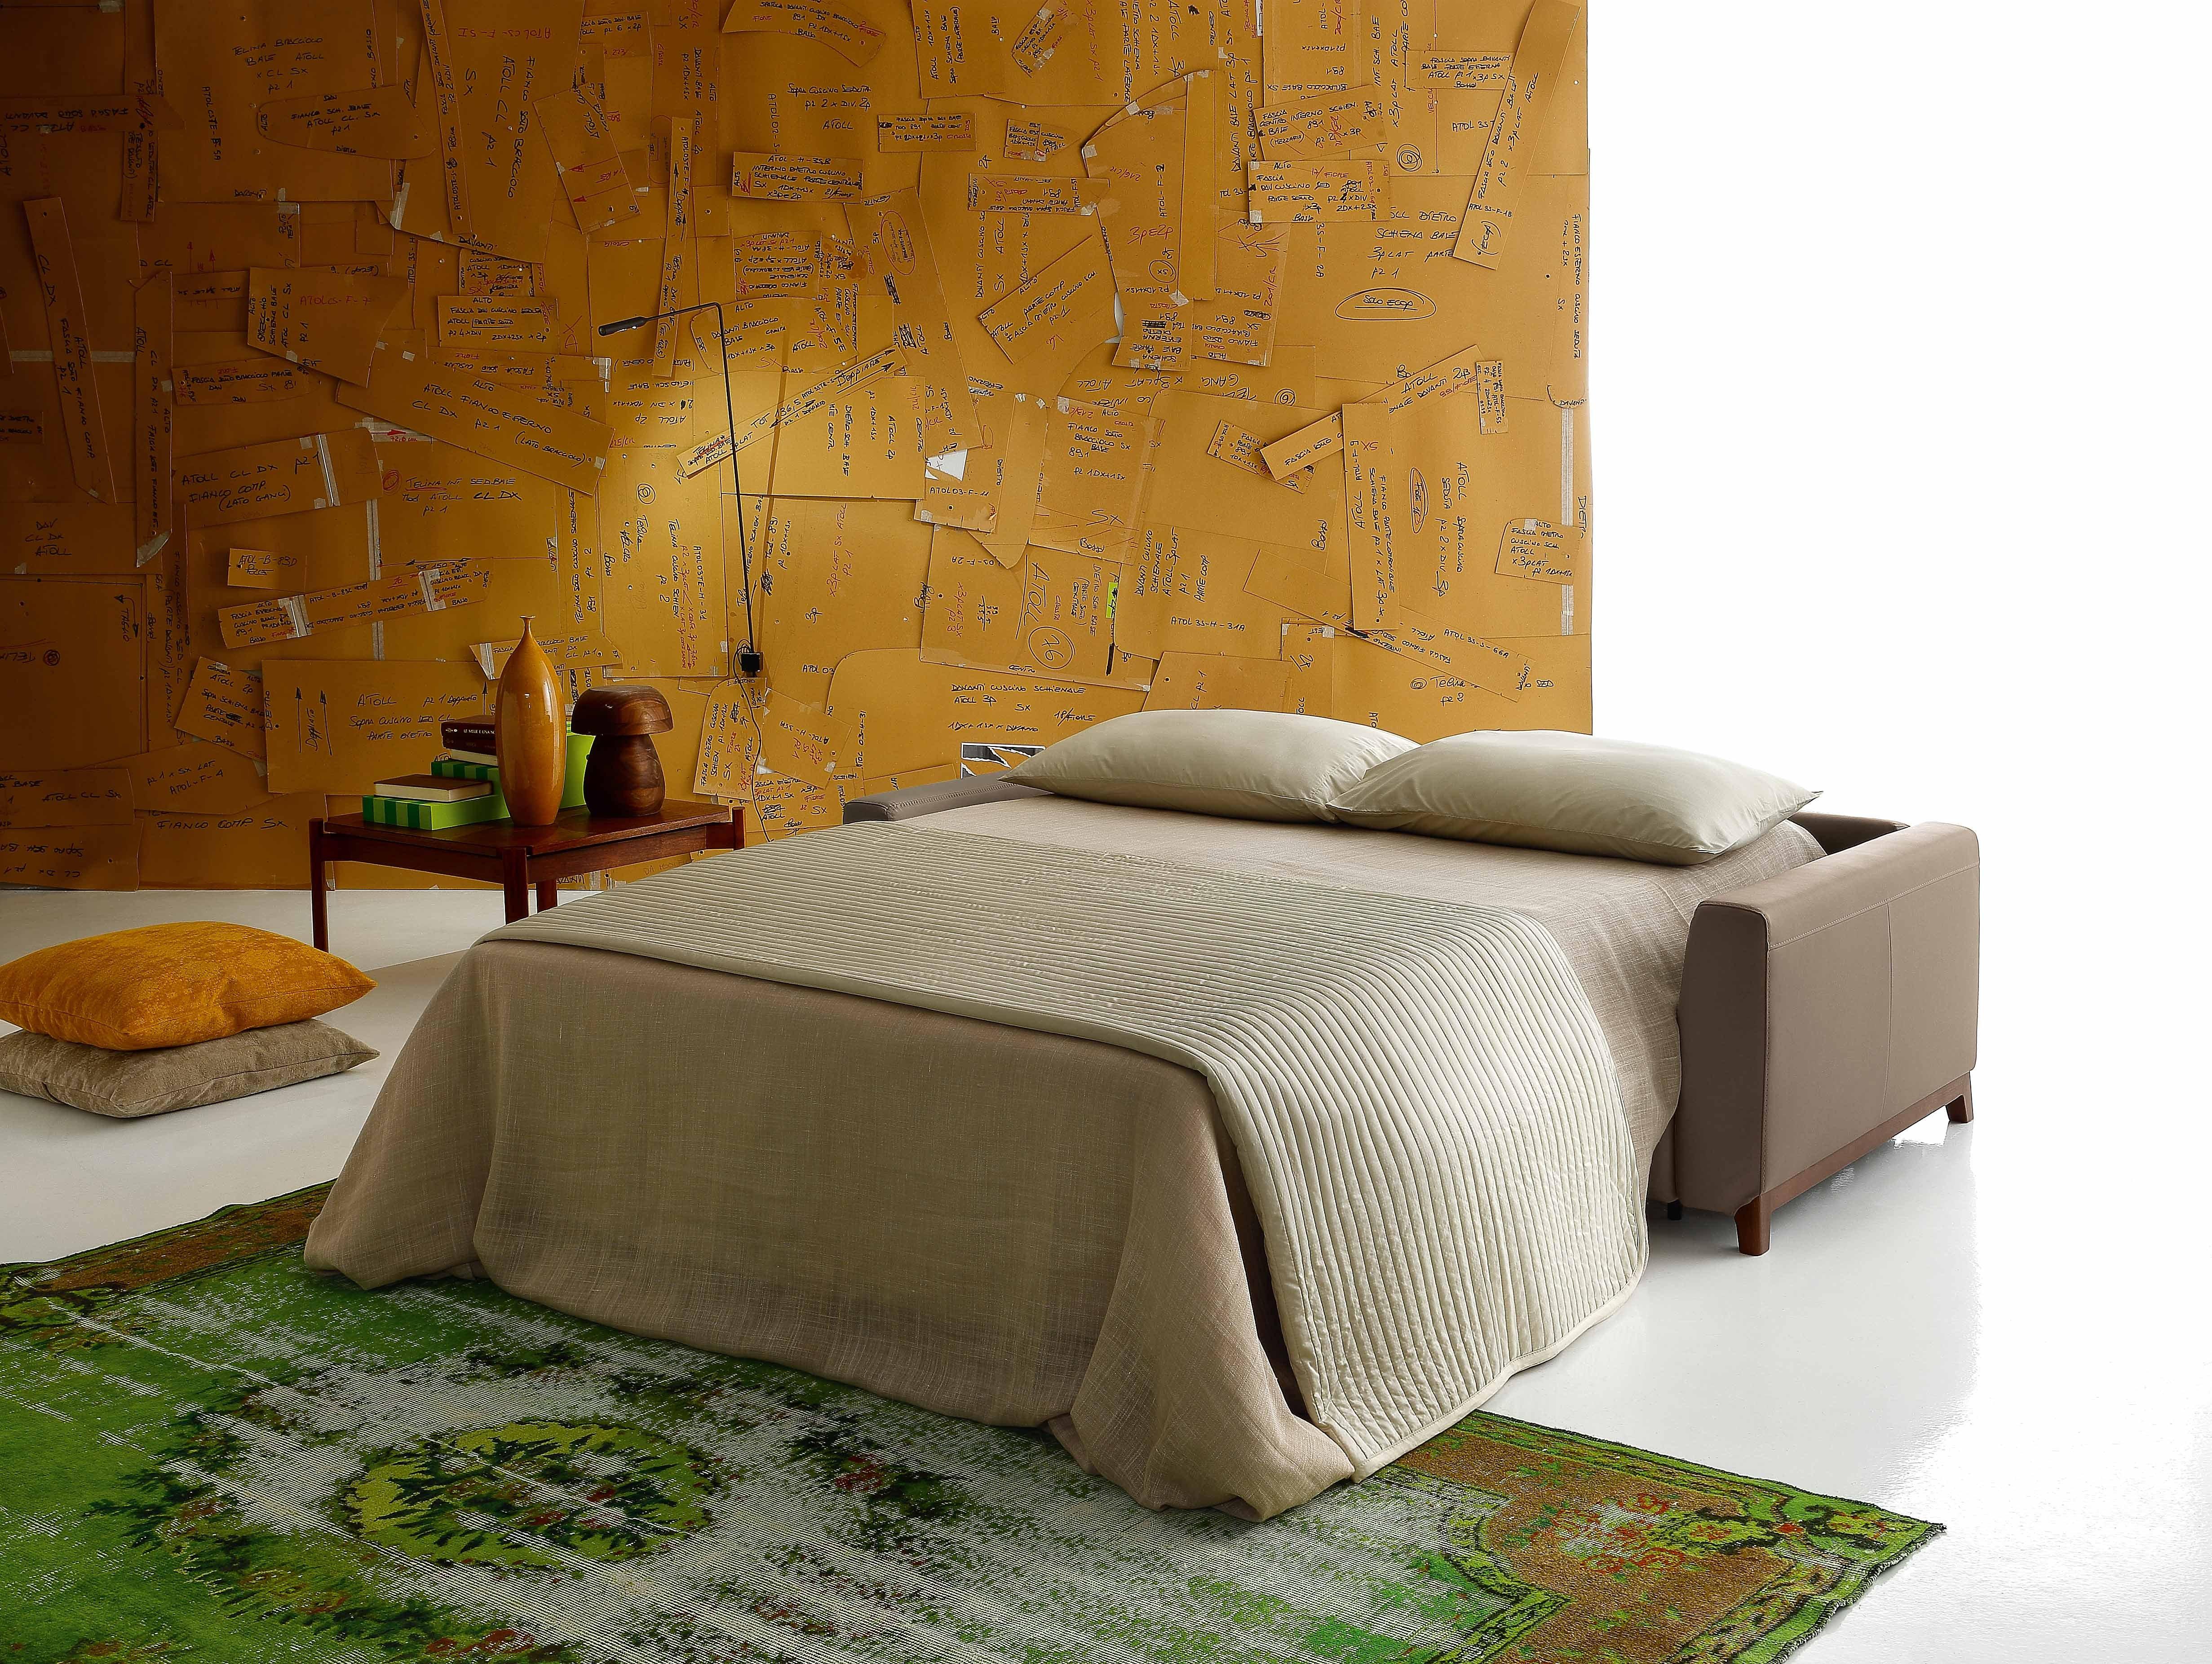 Ditre mood divano trasformabile aperto cose di casa - Divano letto aperto ...